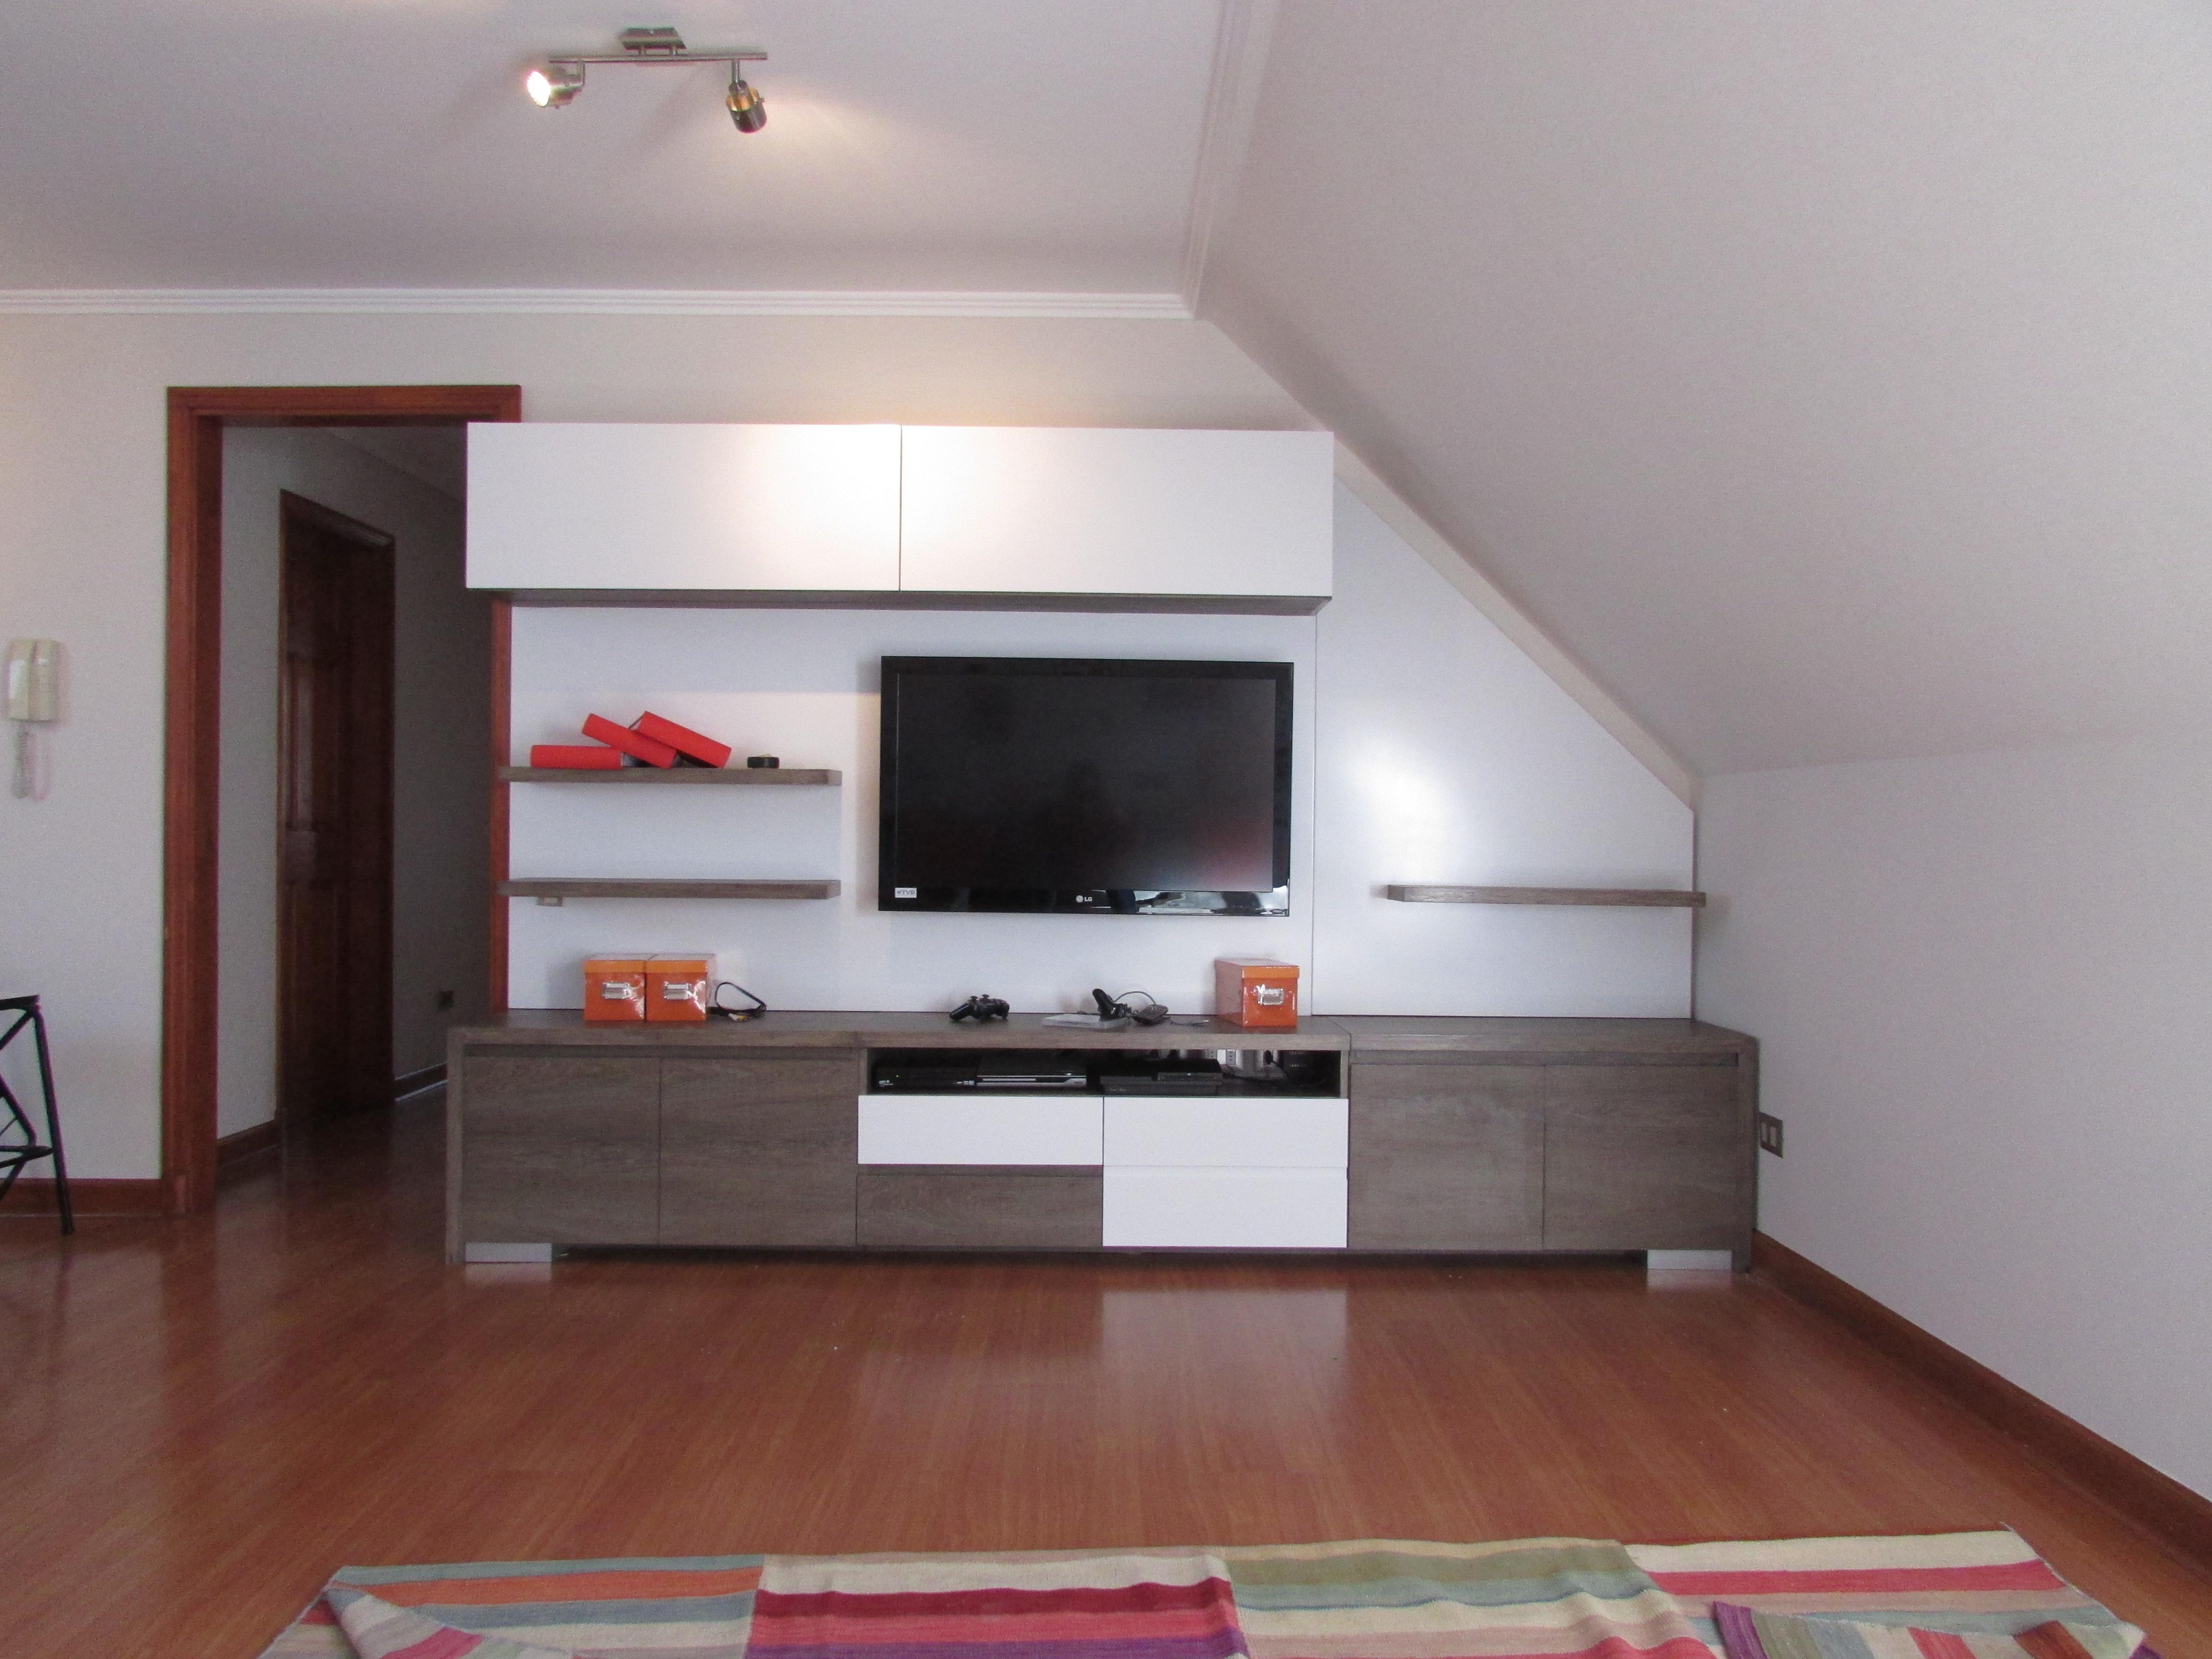 Mueble de televisi n ferrari muebles y espacios for Muebles carrasco